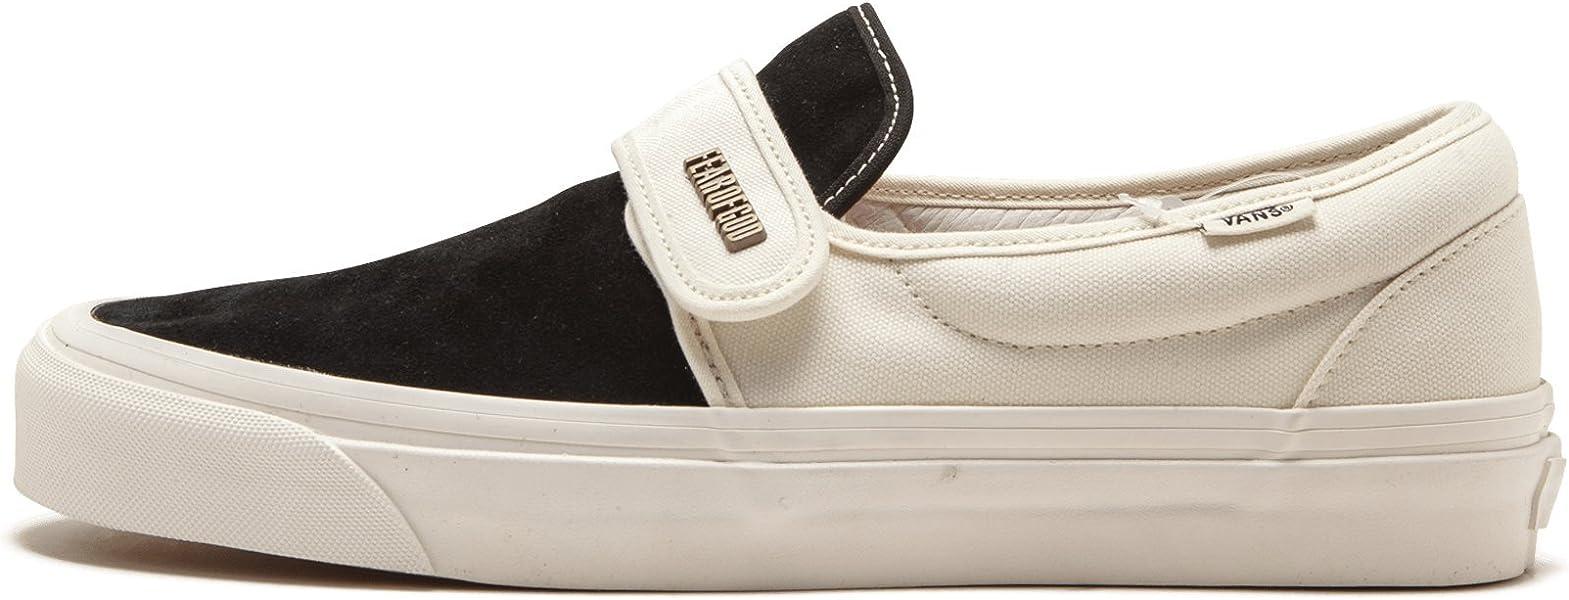 e0cedf950d95 Vans Slip-On 47 V DX (Fear of God) Black White